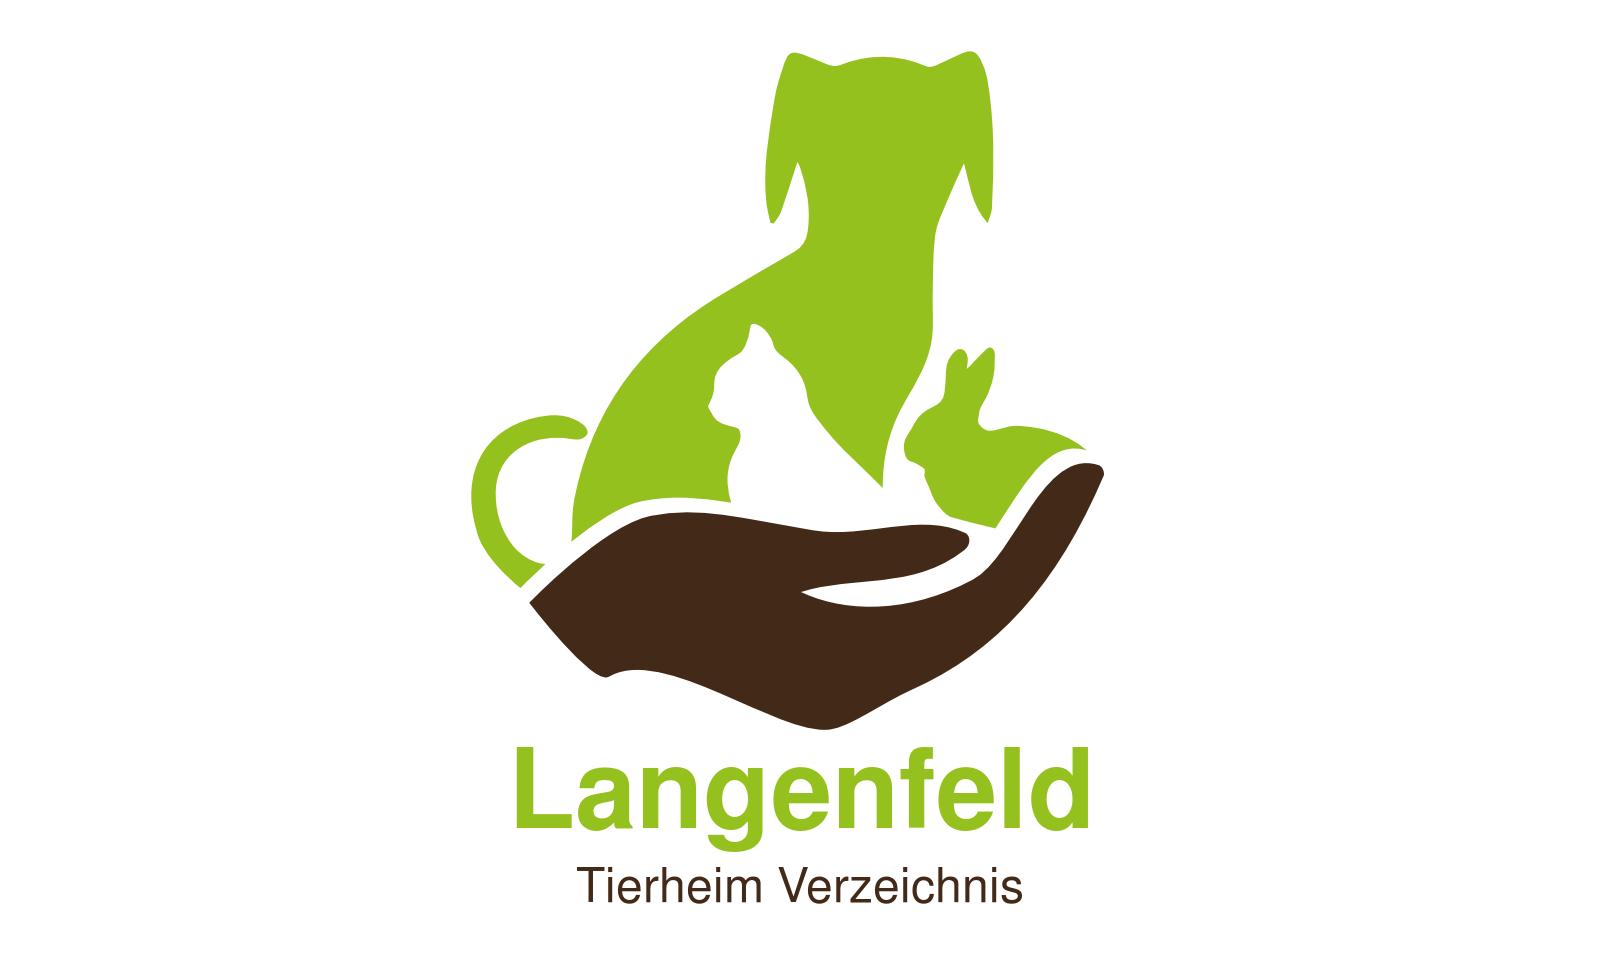 Tierheim Langenfeld